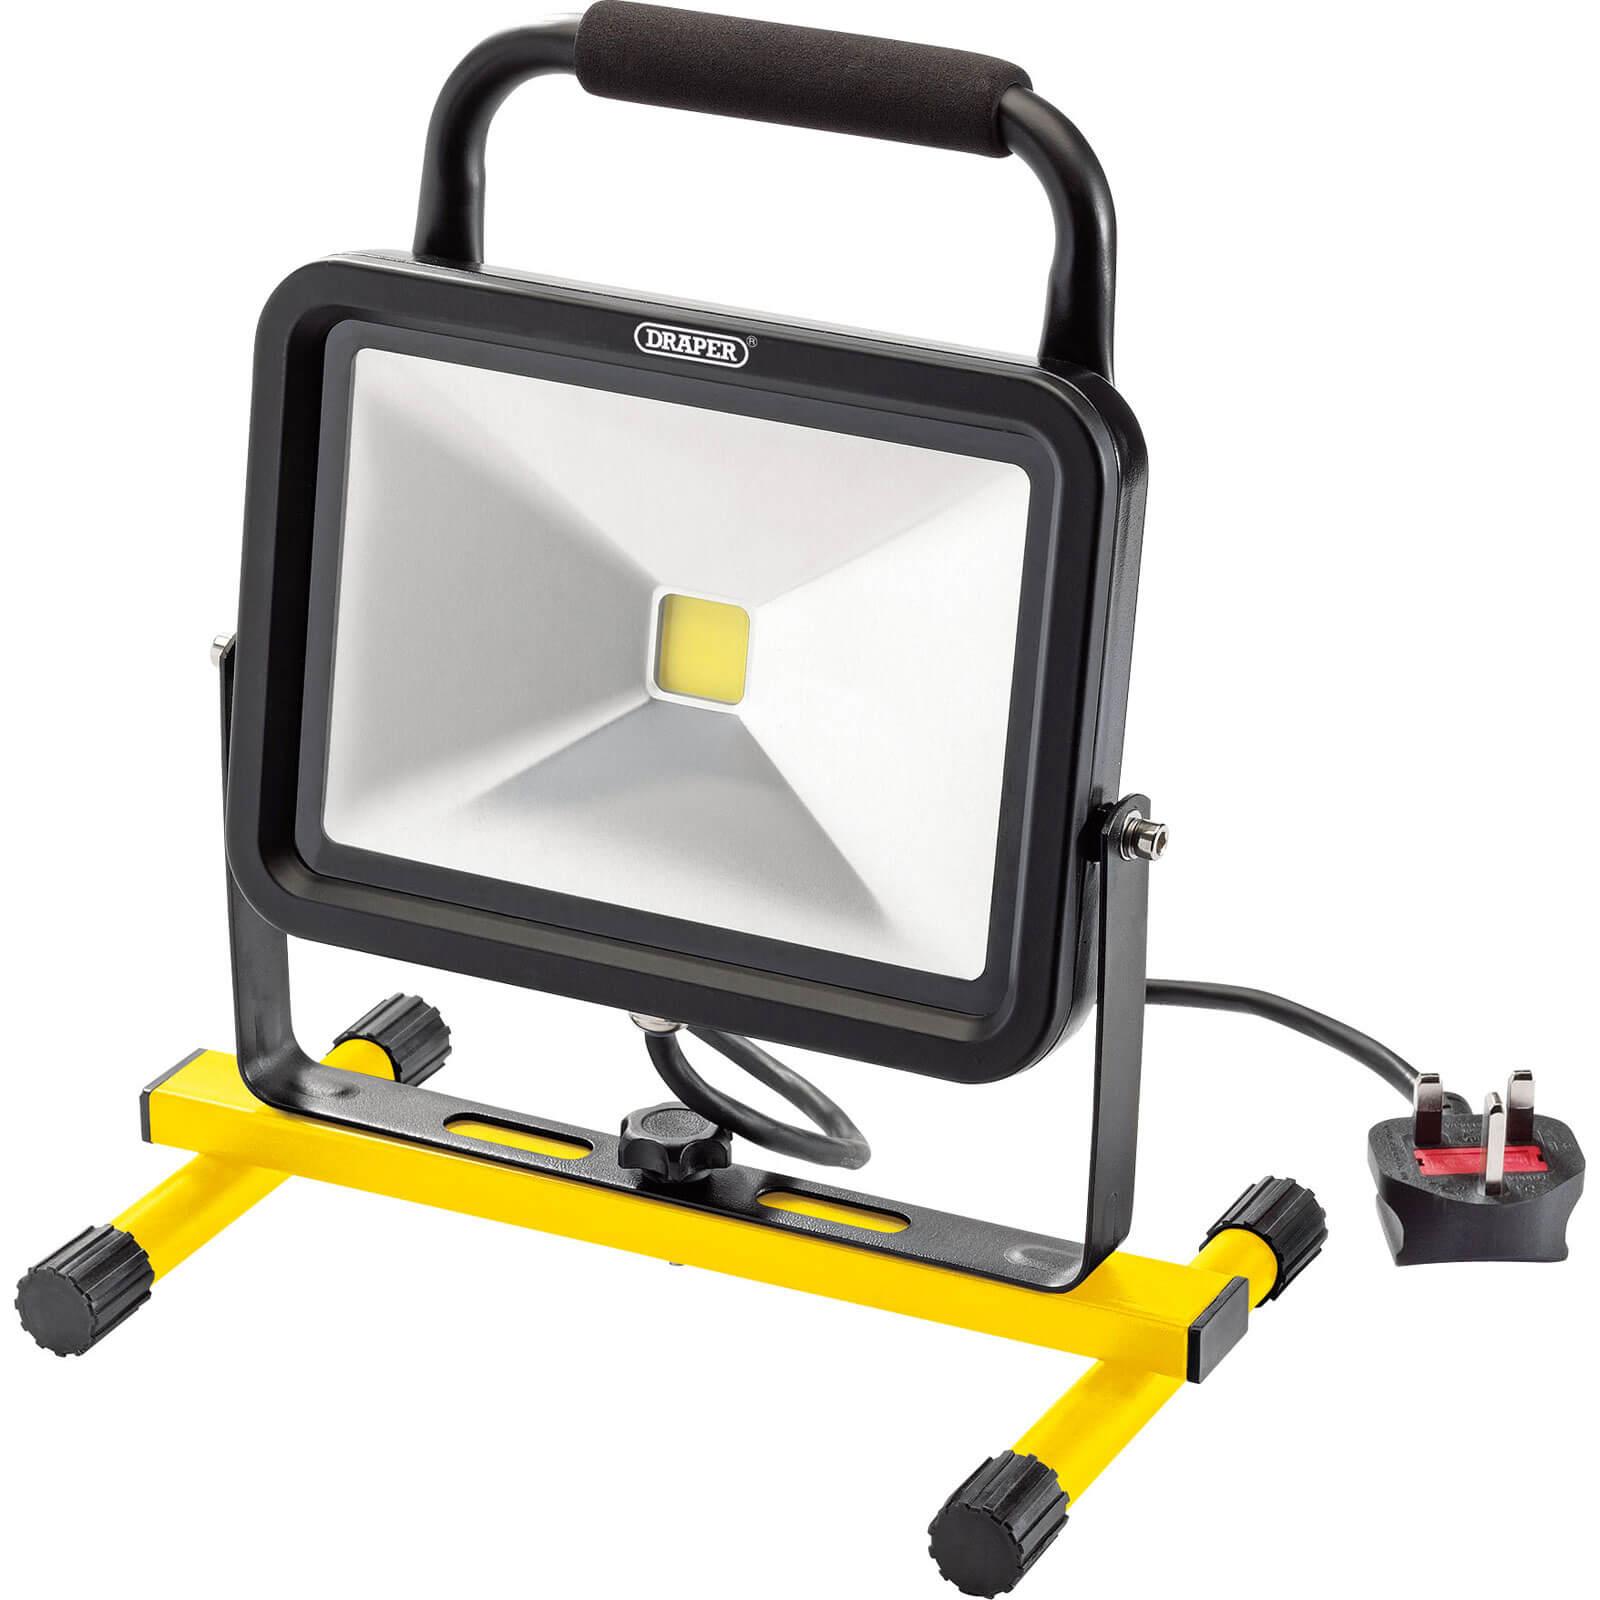 Image of Draper COB LED 50 Watt Work Light 240v